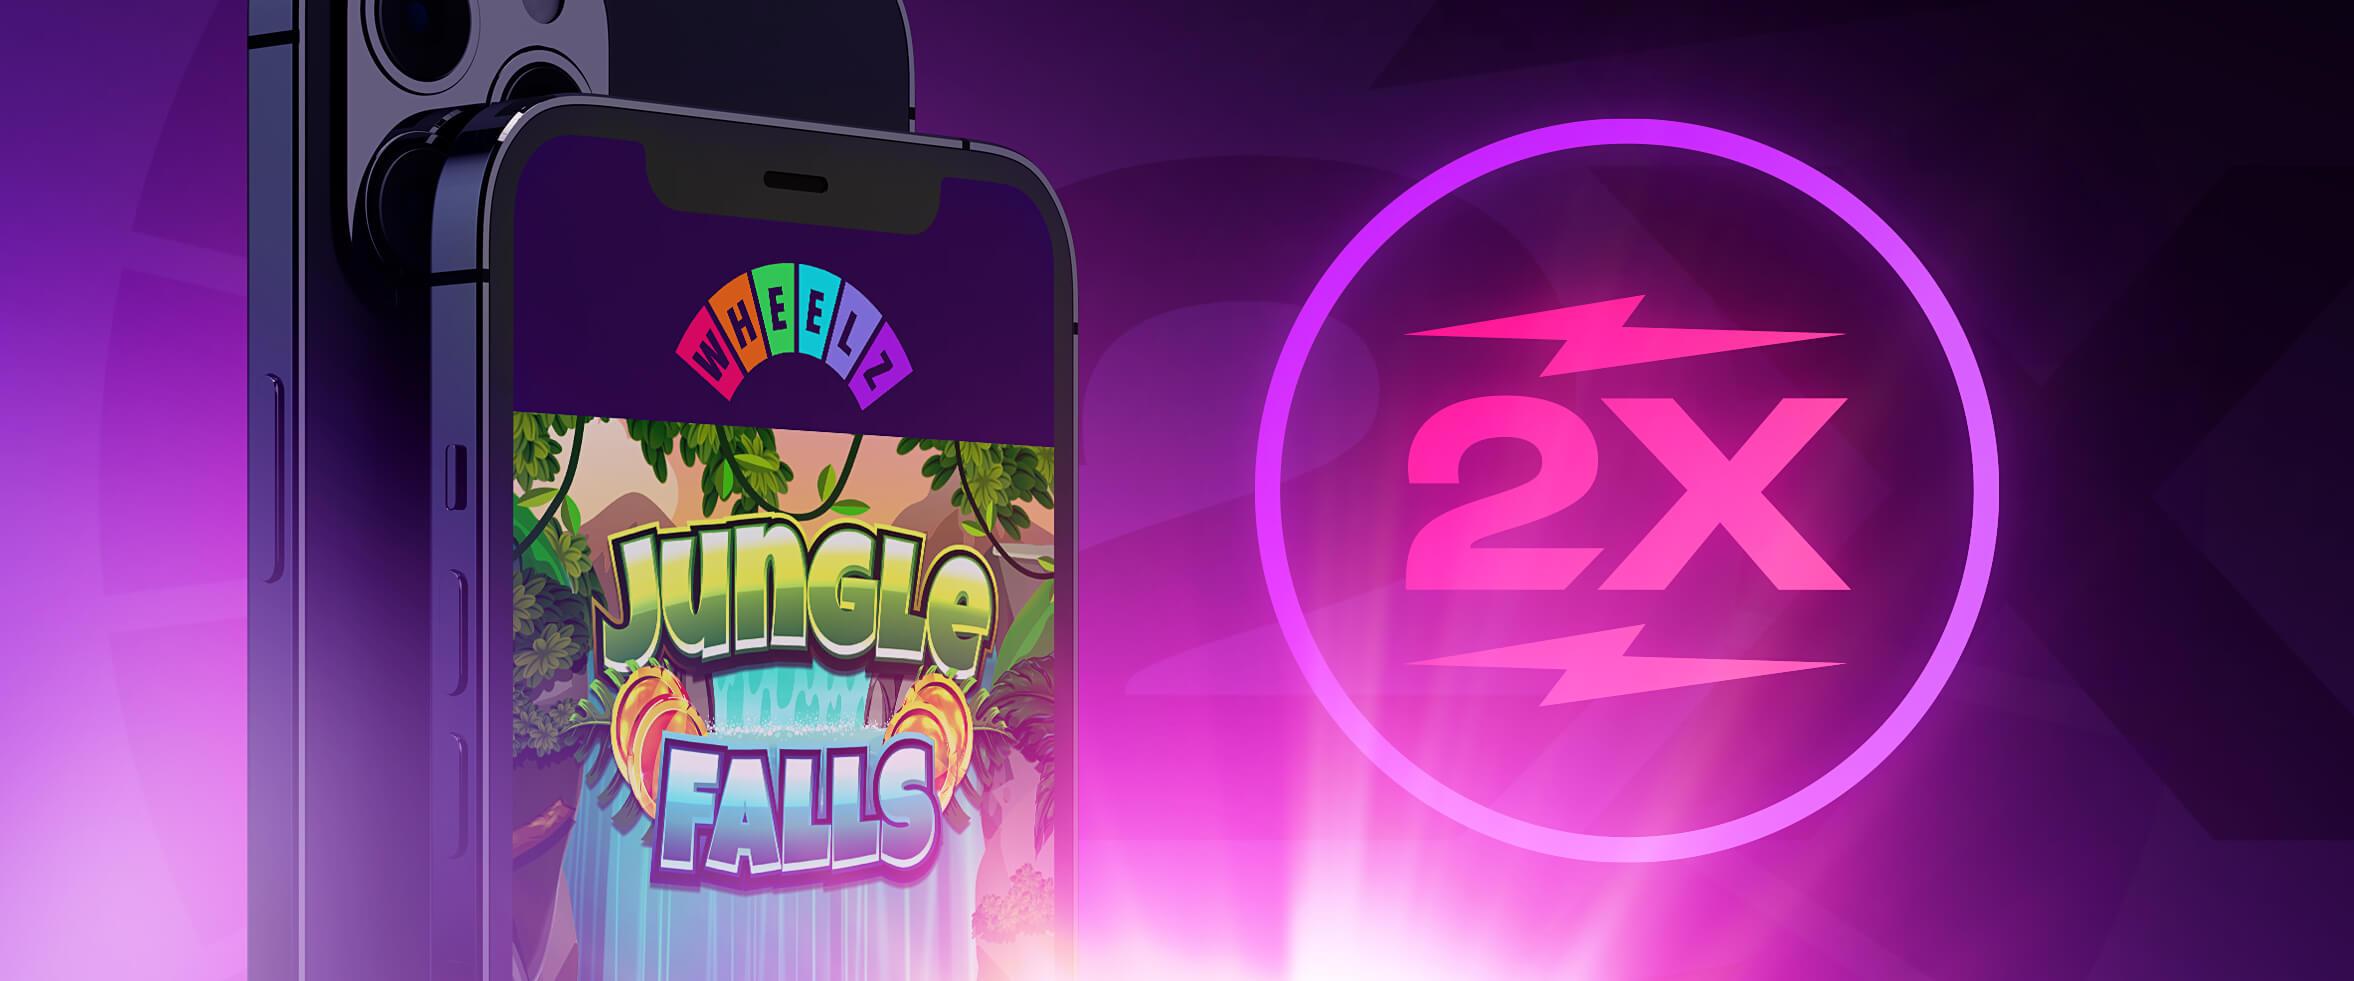 Double Speed eksklusiiviseen Jungle Falls -uutuuspeliin